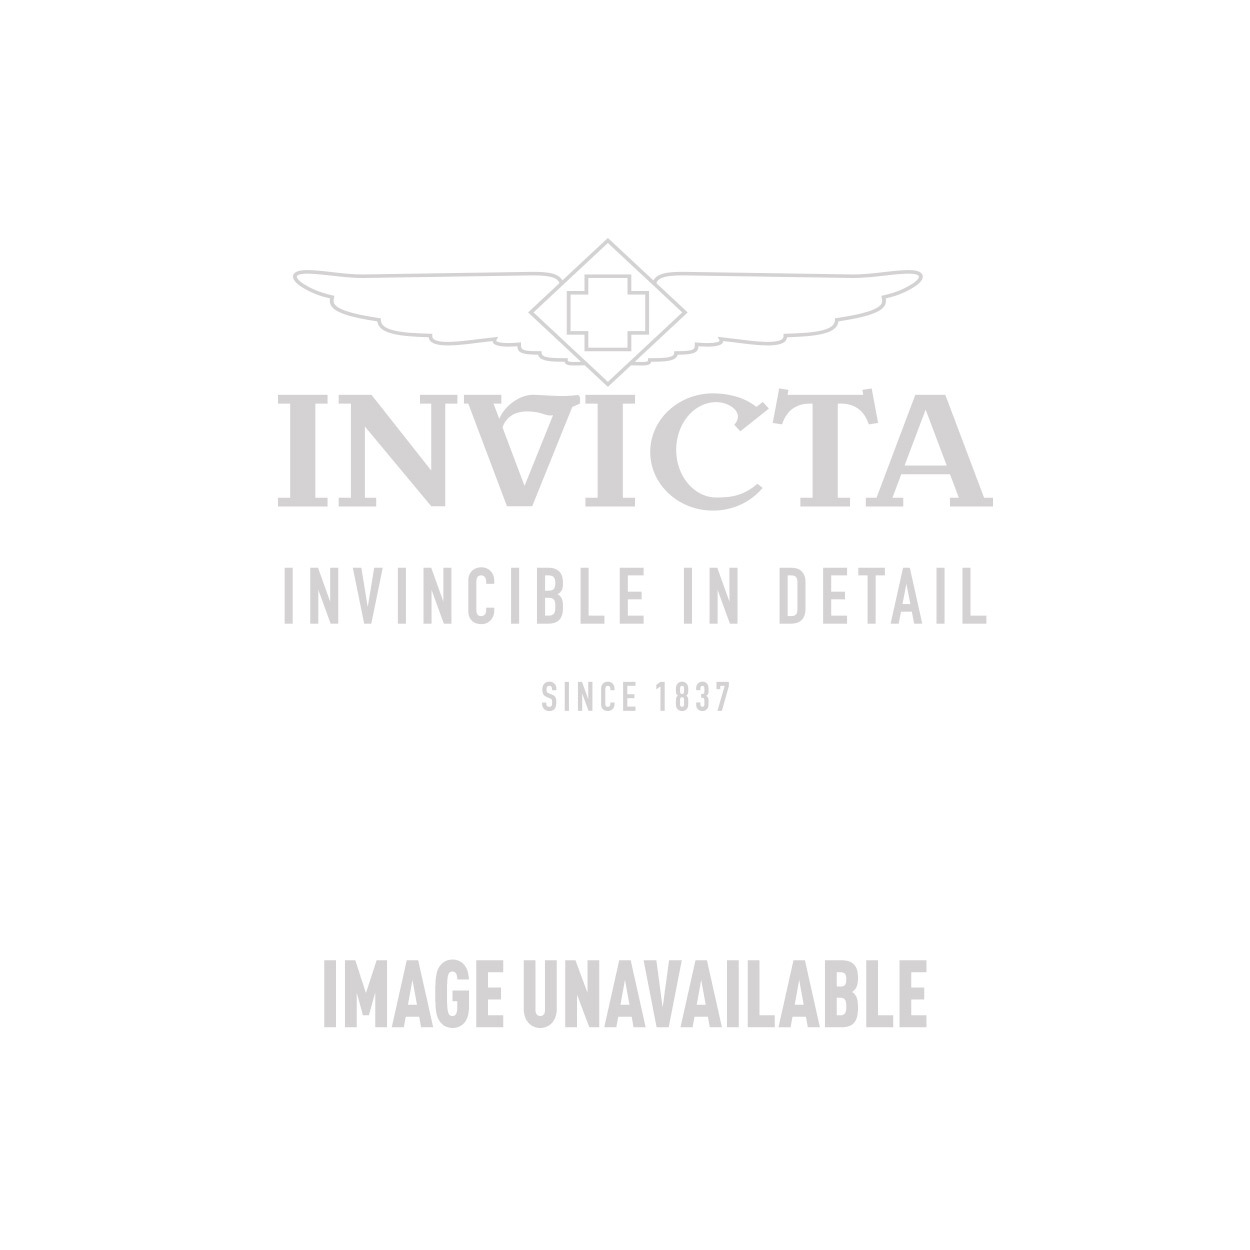 Invicta Model 28123